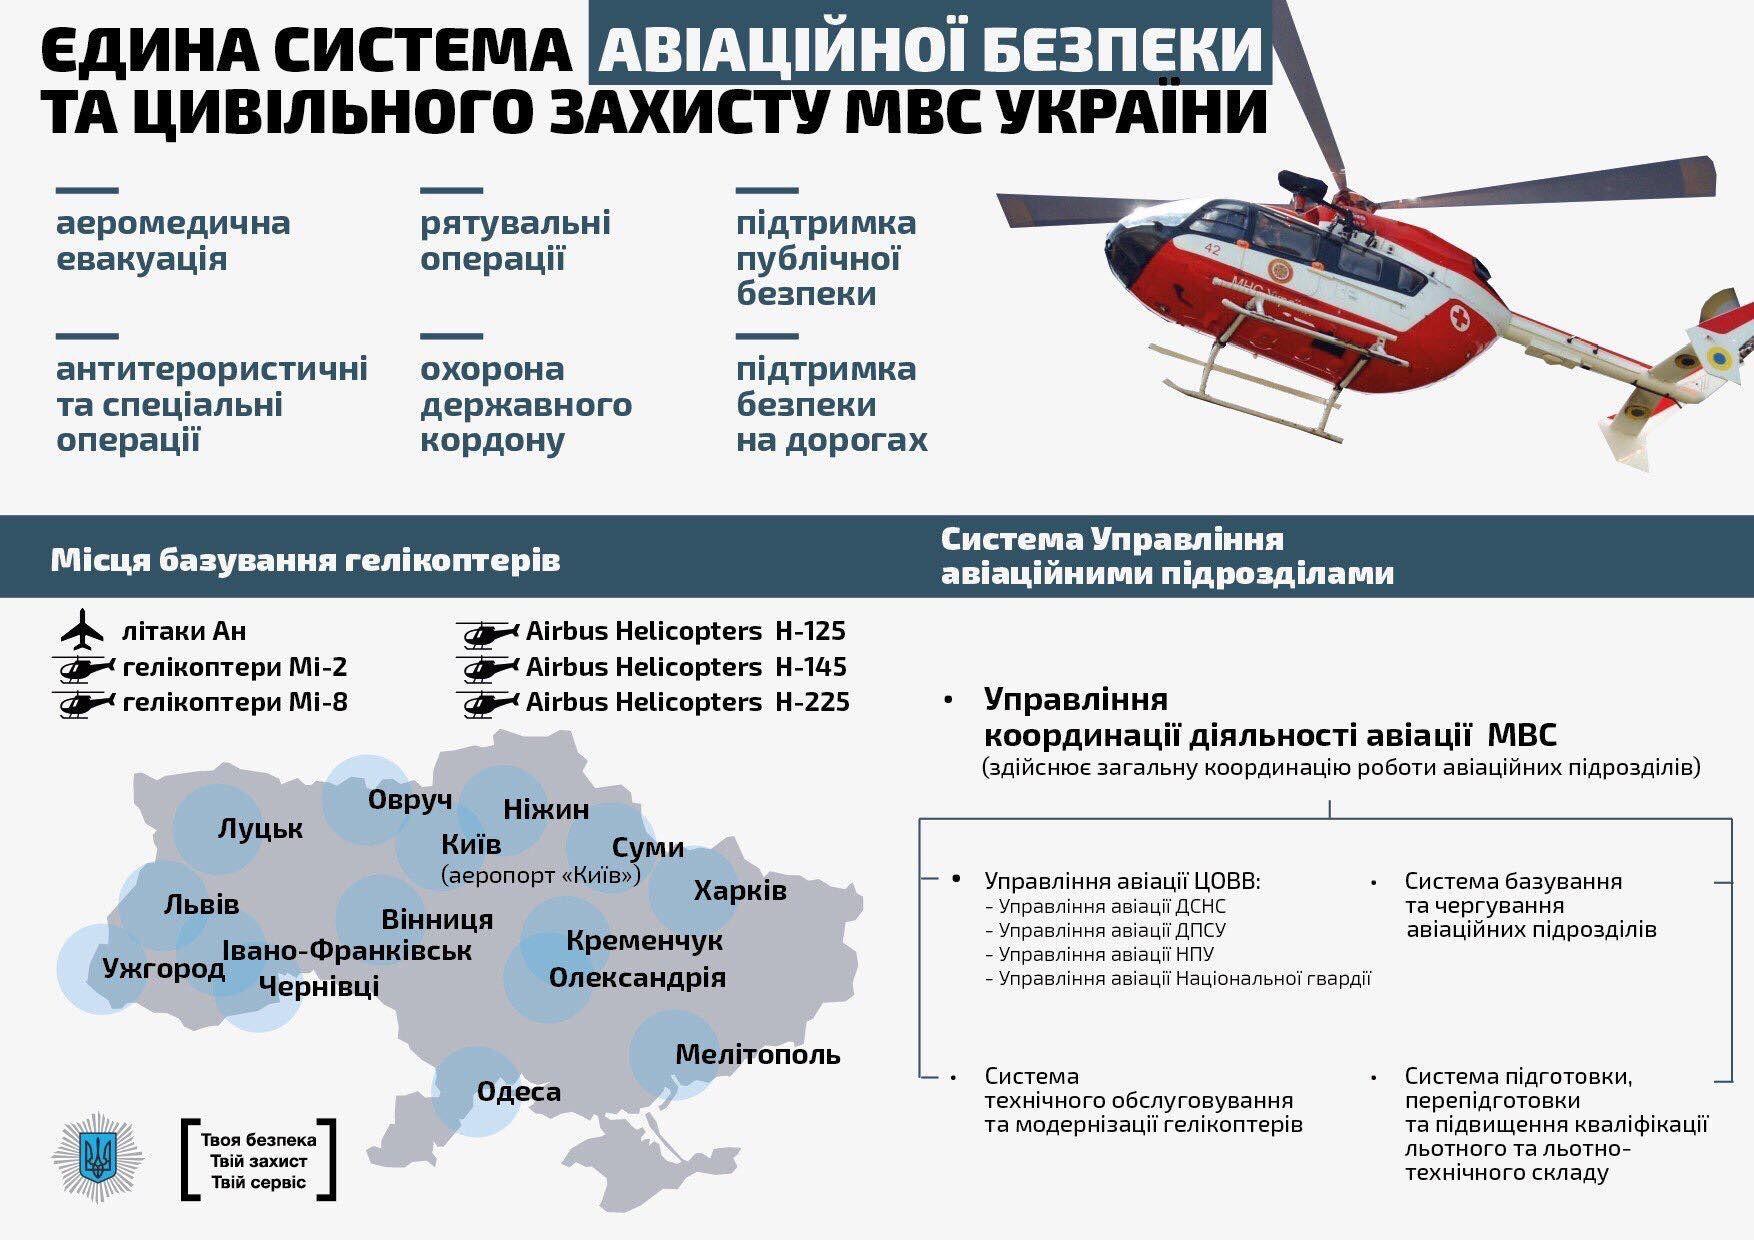 Гелікоптерні парки в Україні, Airbus